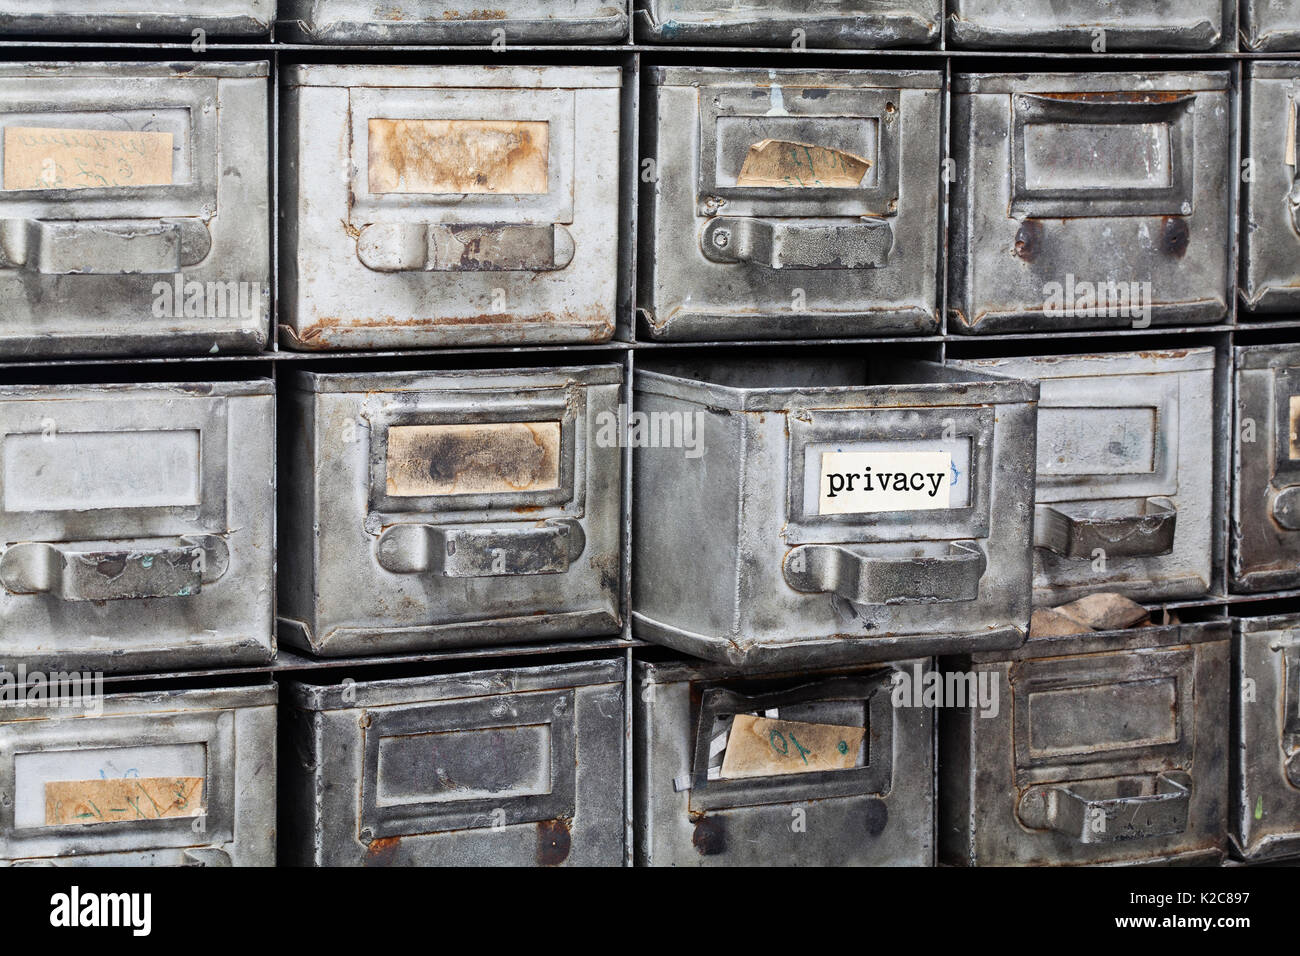 Informationen zum Datenschutz Konzept. Ablagesystem mit geöffneten metallic Box. Im Alter von Papier texturierte Typenschilder. Retro Style Speicherung, Verwaltung schützen. Stockbild